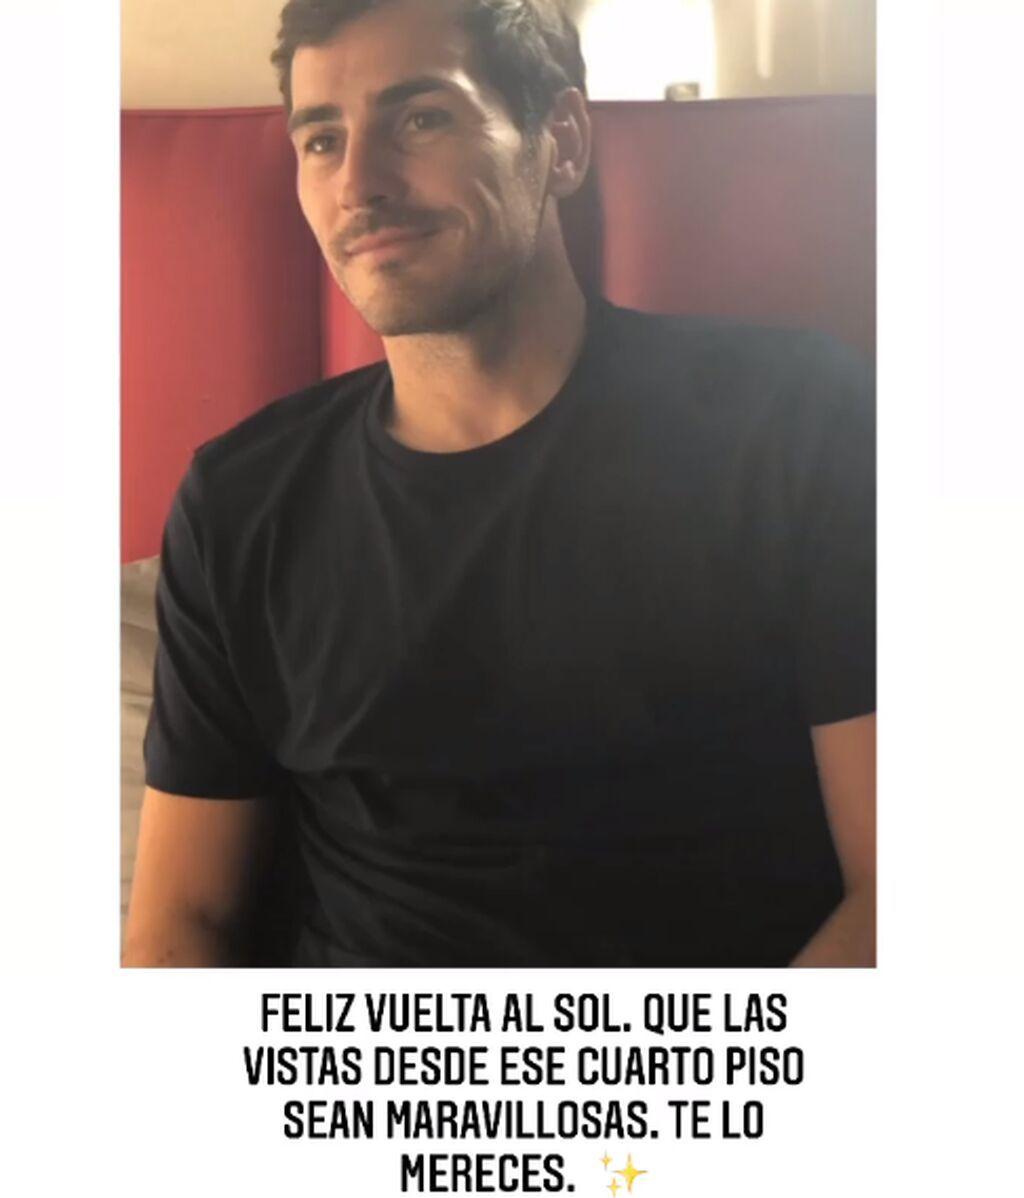 La felicitación de Sara Carbonero a Iker Casillas por su cumpleaños